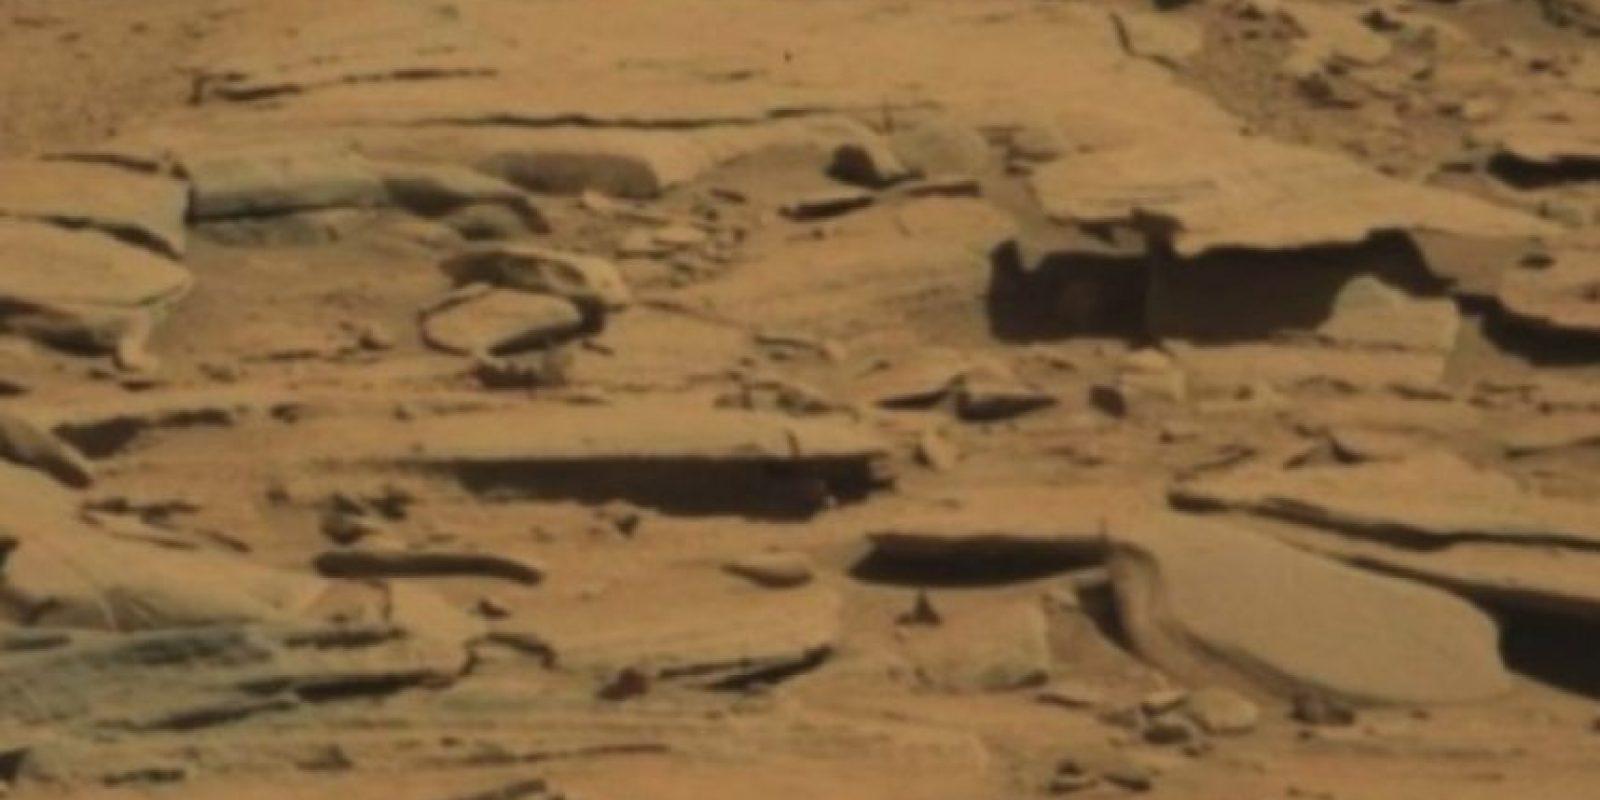 Se descubrió en agosto de 2014 Foto: http://mars.jpl.nasa.gov/msl-raw-images/msss/00601/mcam/0601MR0025370020400768E01_DXXX.jpg